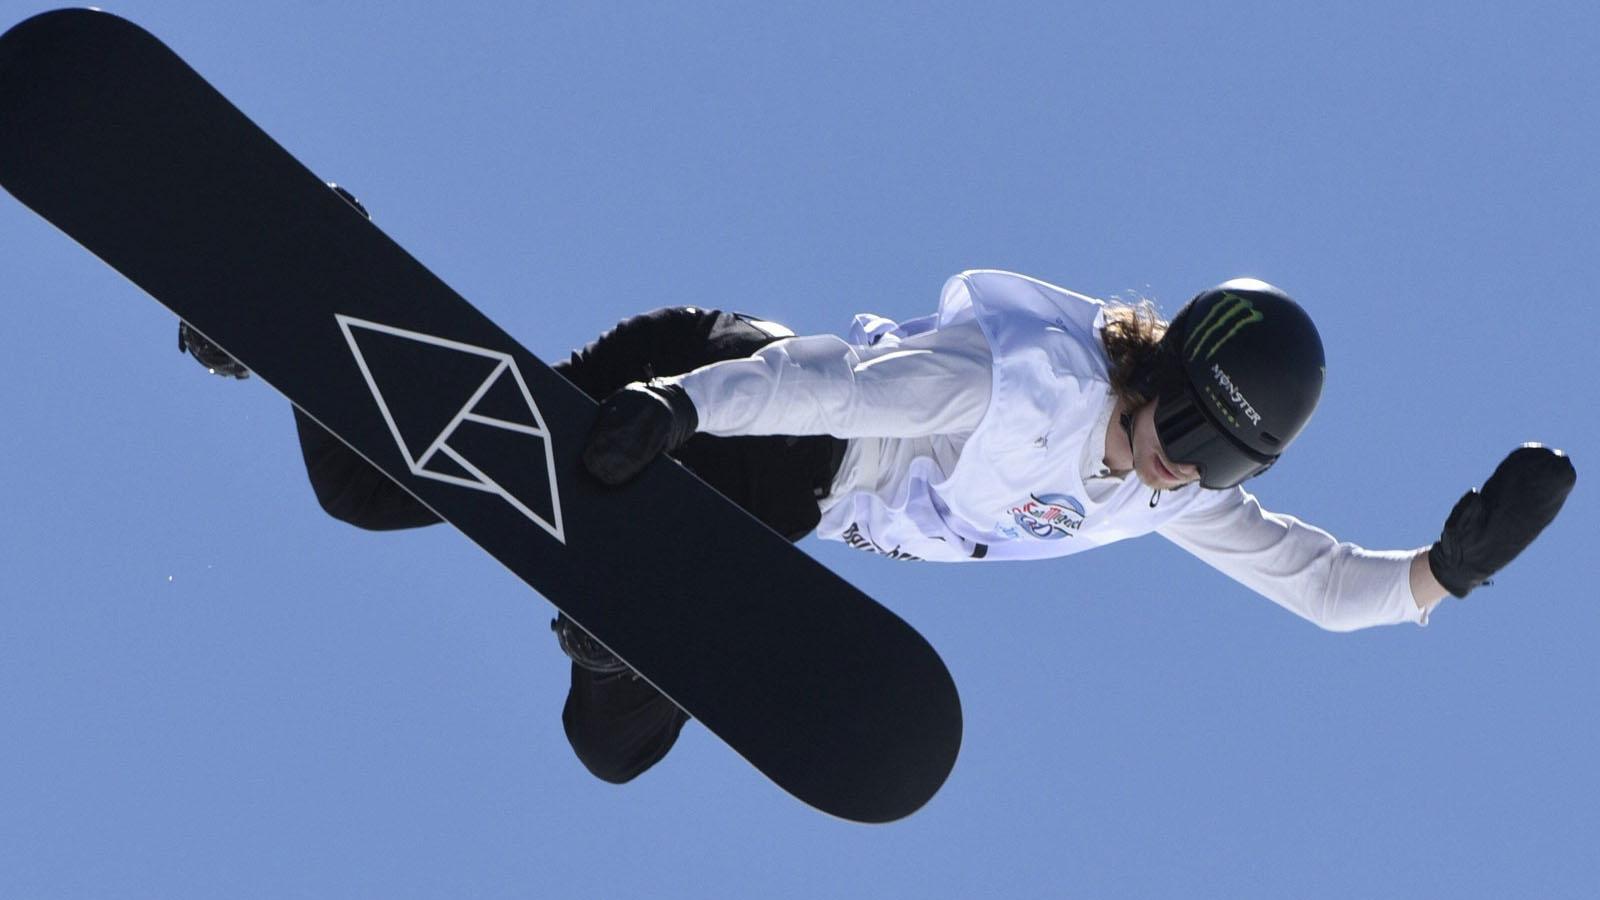 Podladtchikovs Olympia-Teilnahme ist unklar